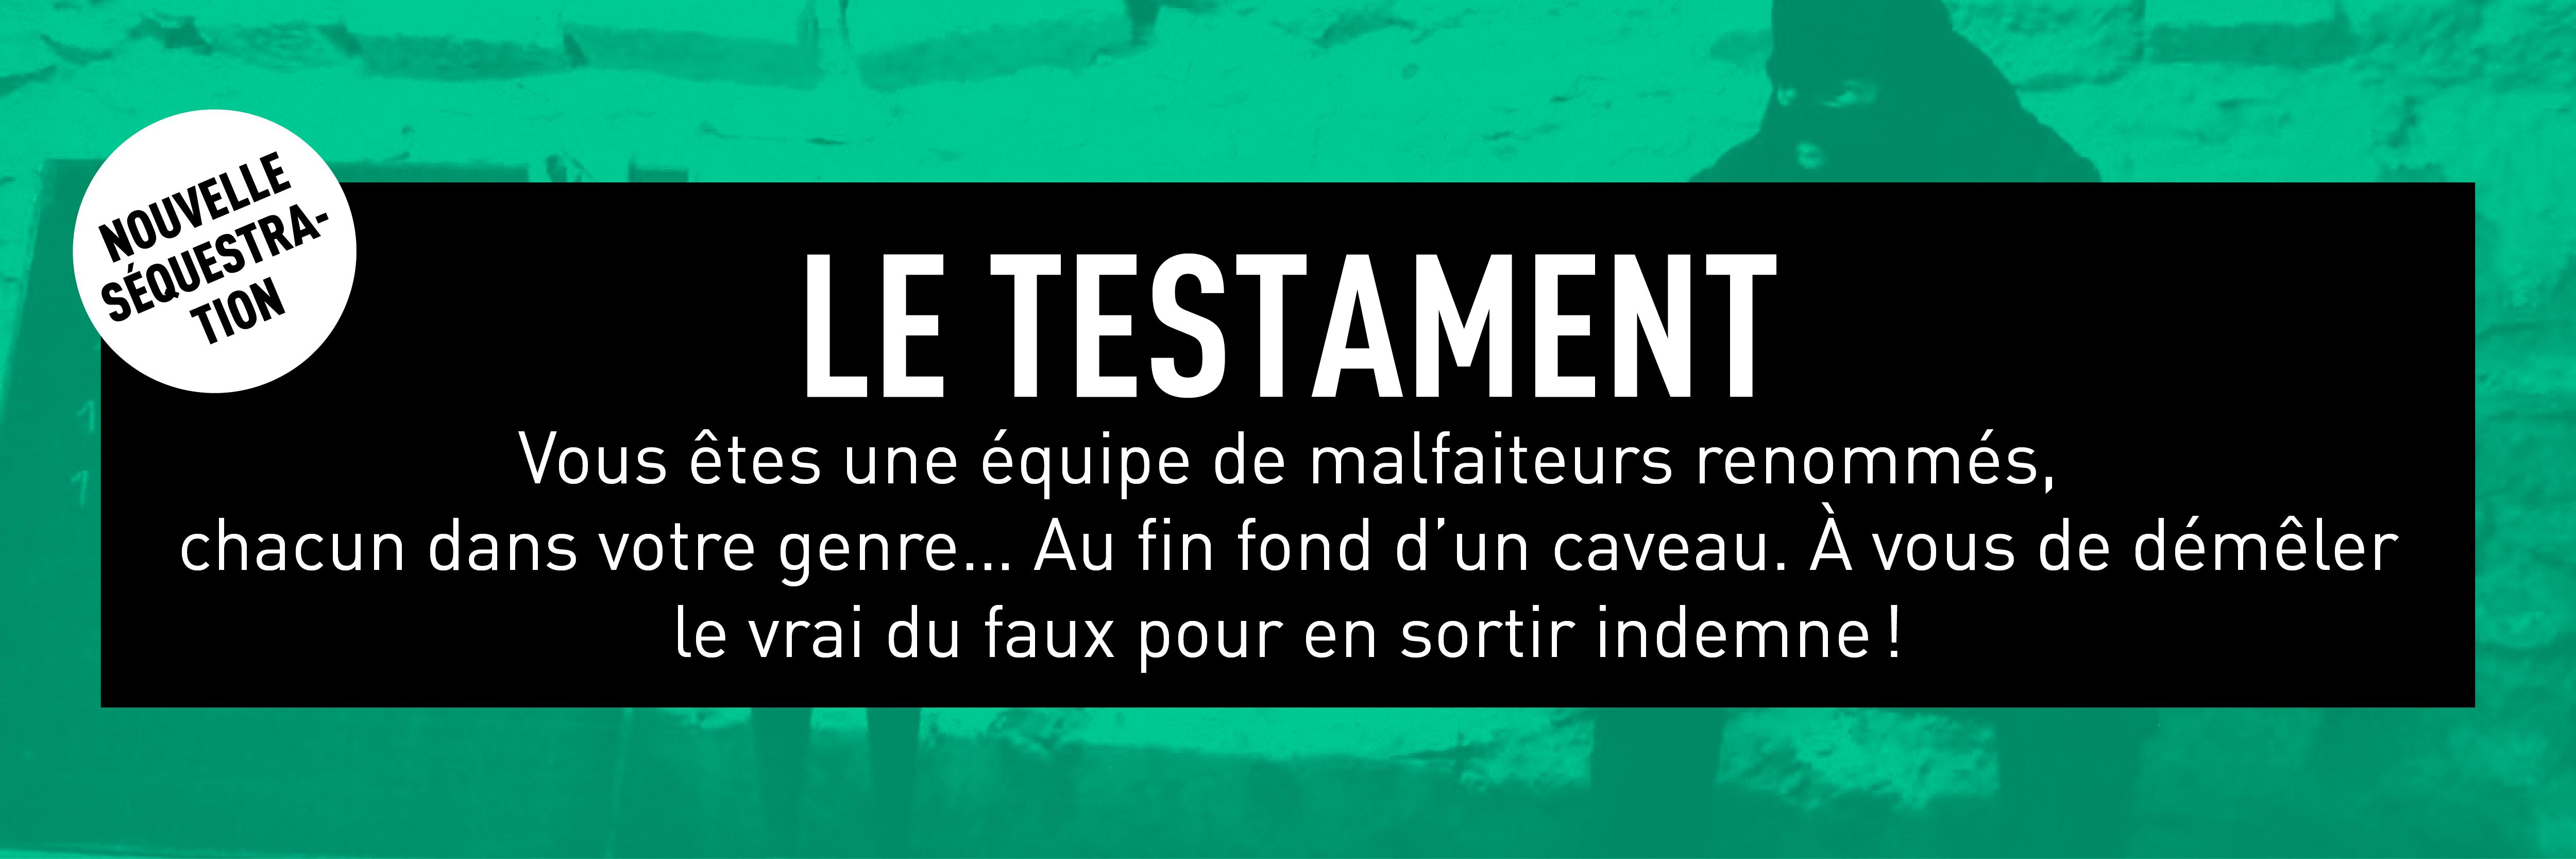 Actus_LeTestament